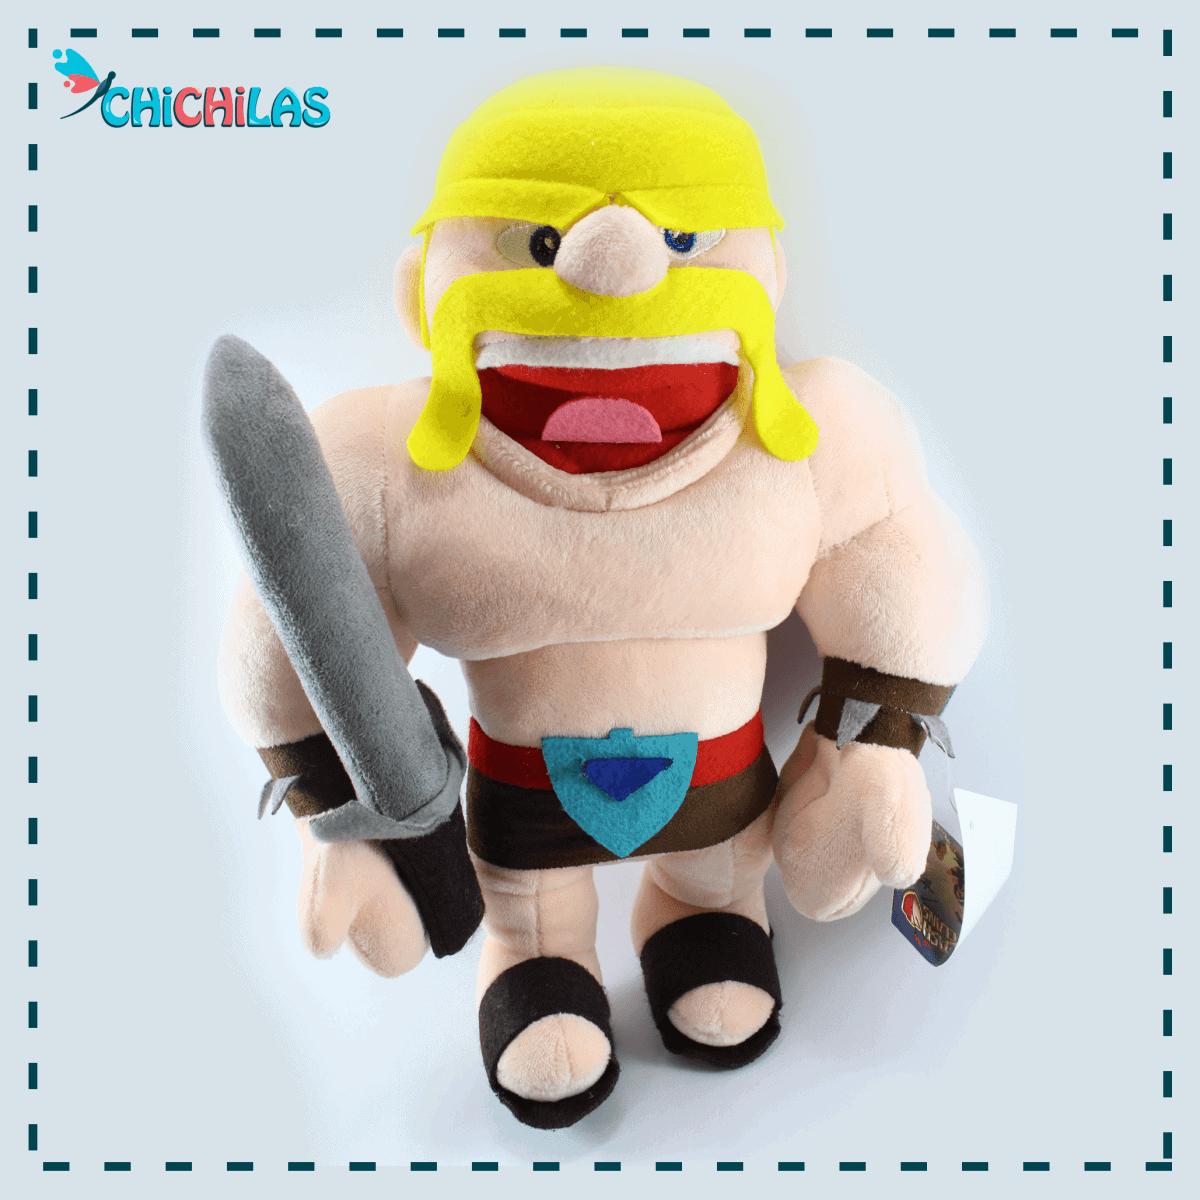 چیچیلاس - عروسک کلش اف کلنز - عروسک clash of clans - عروسک خارجی - عروسک پولیشی - عروسک باربارین